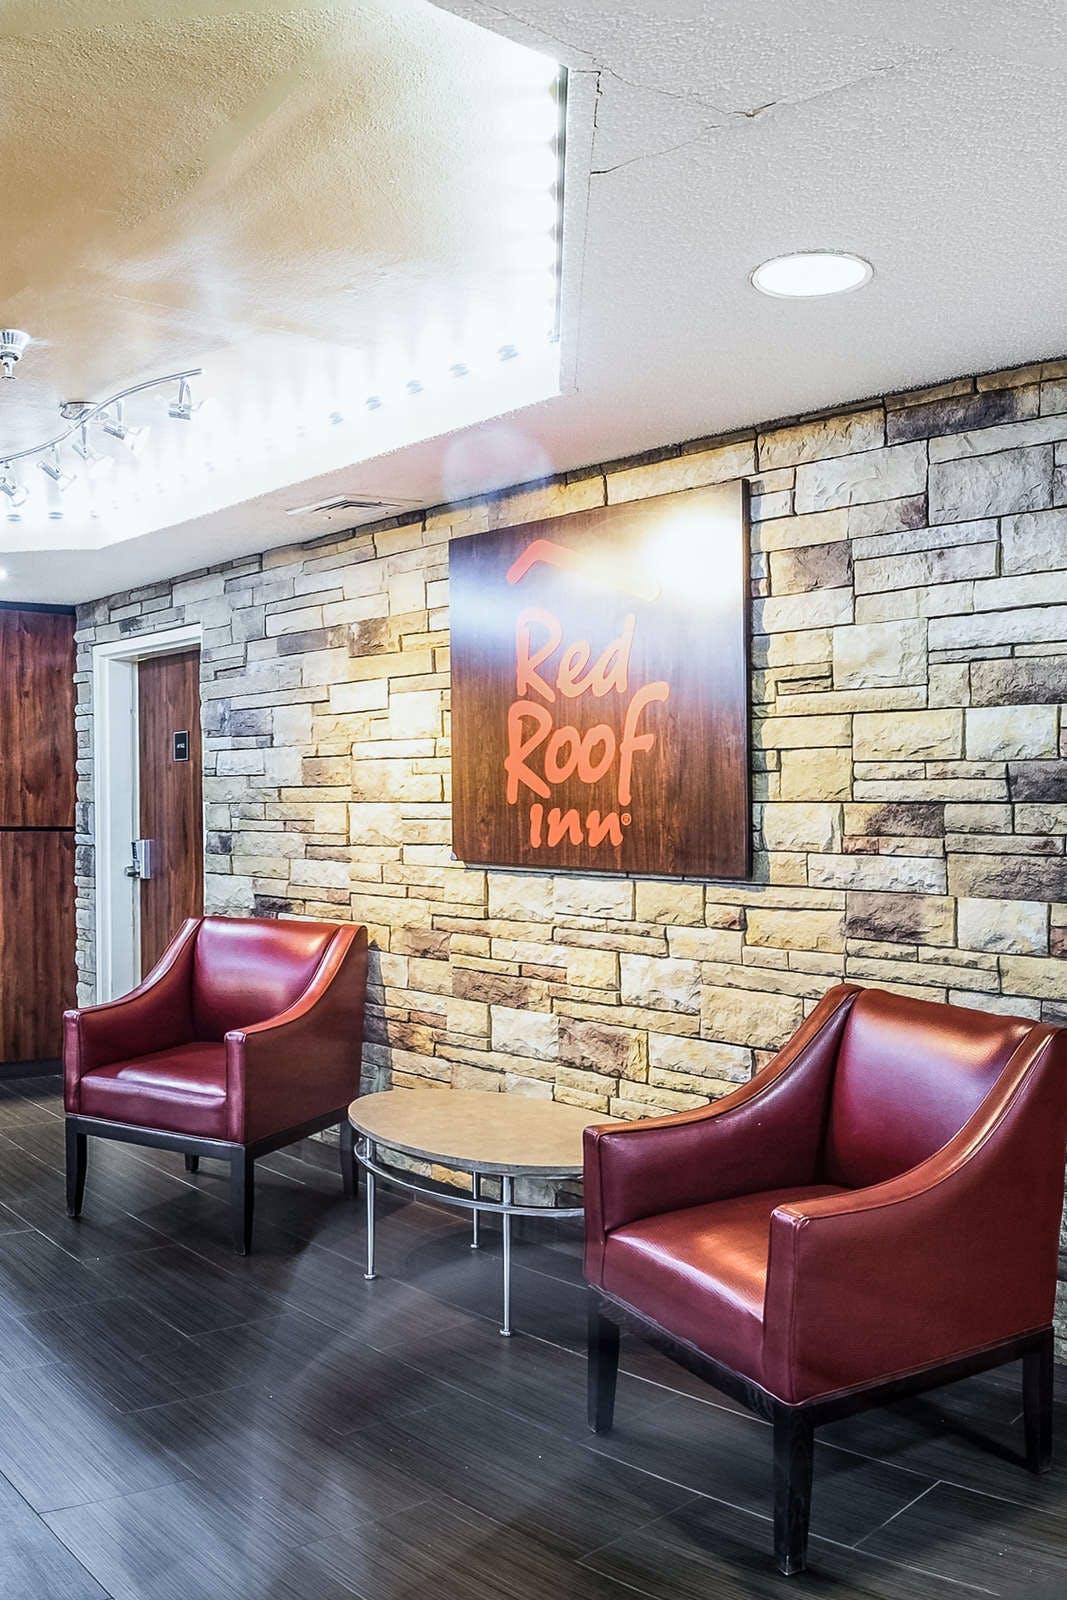 Red Roof Inn Savannah